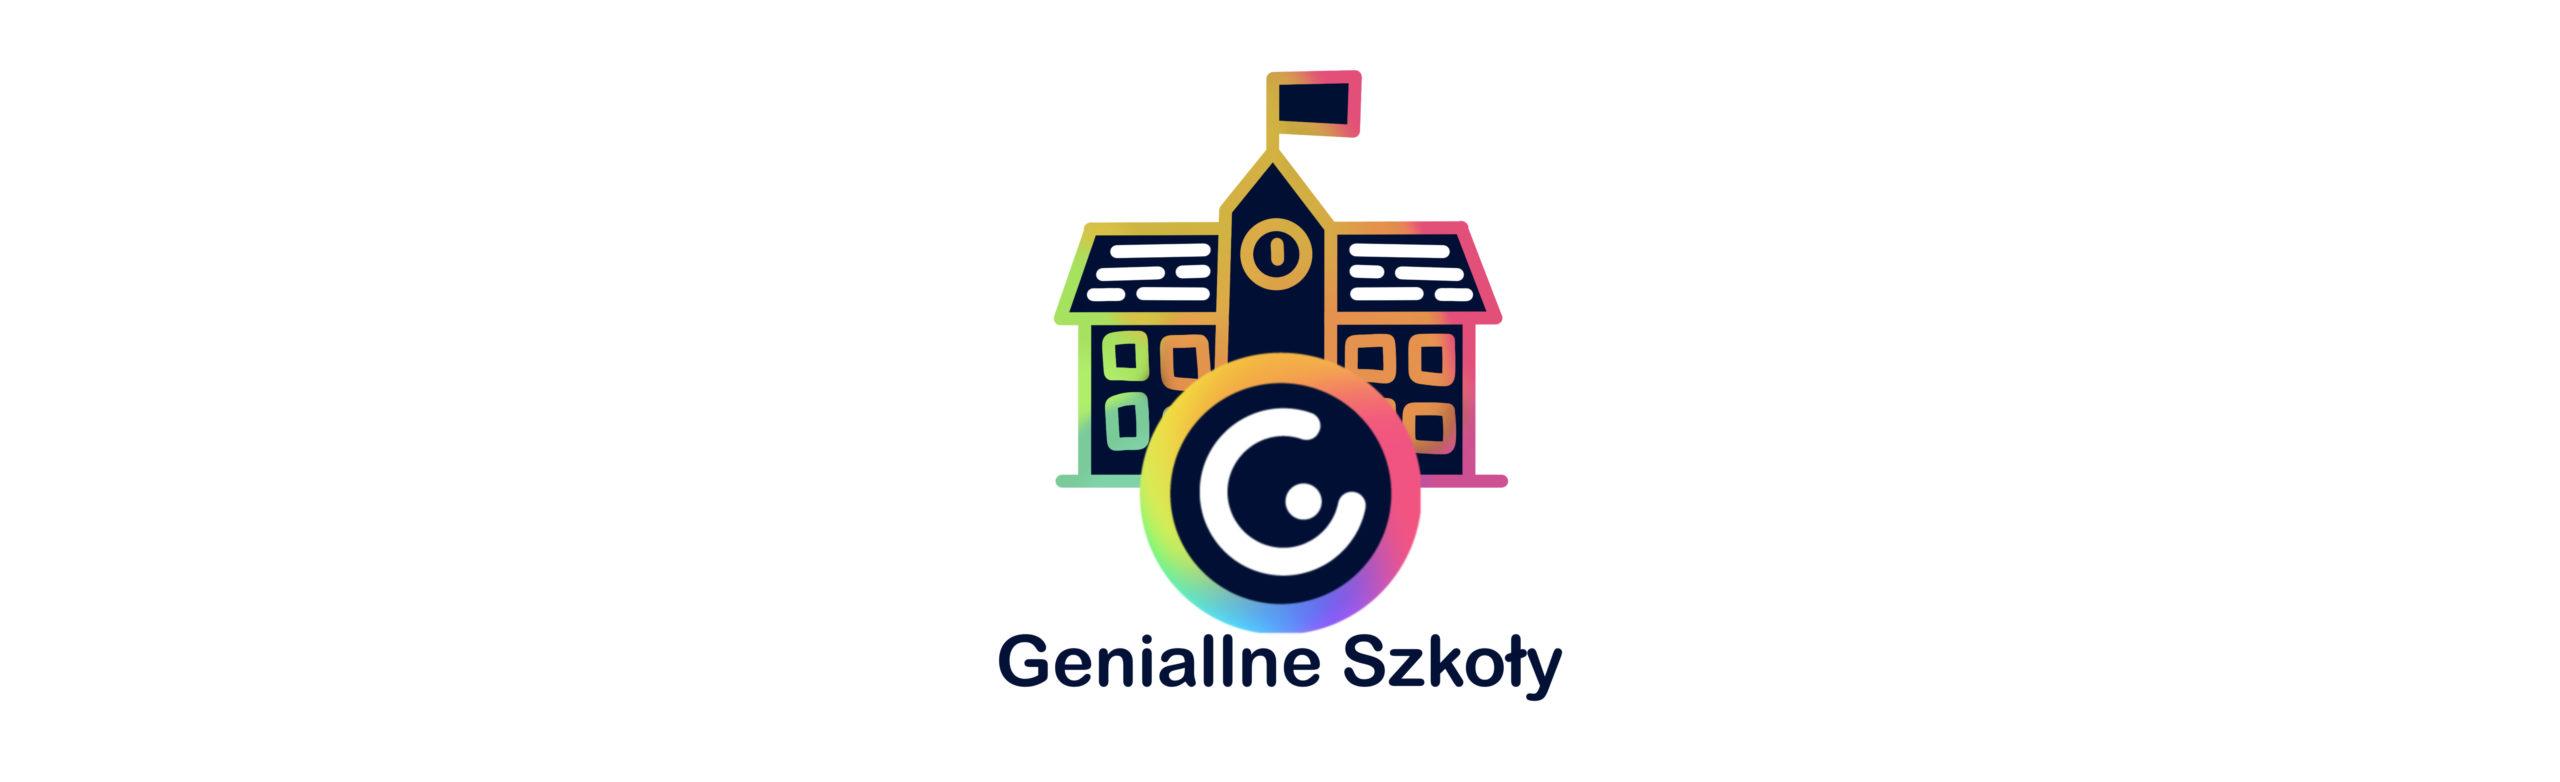 """Projekt """"Gennialna"""" szkoła"""